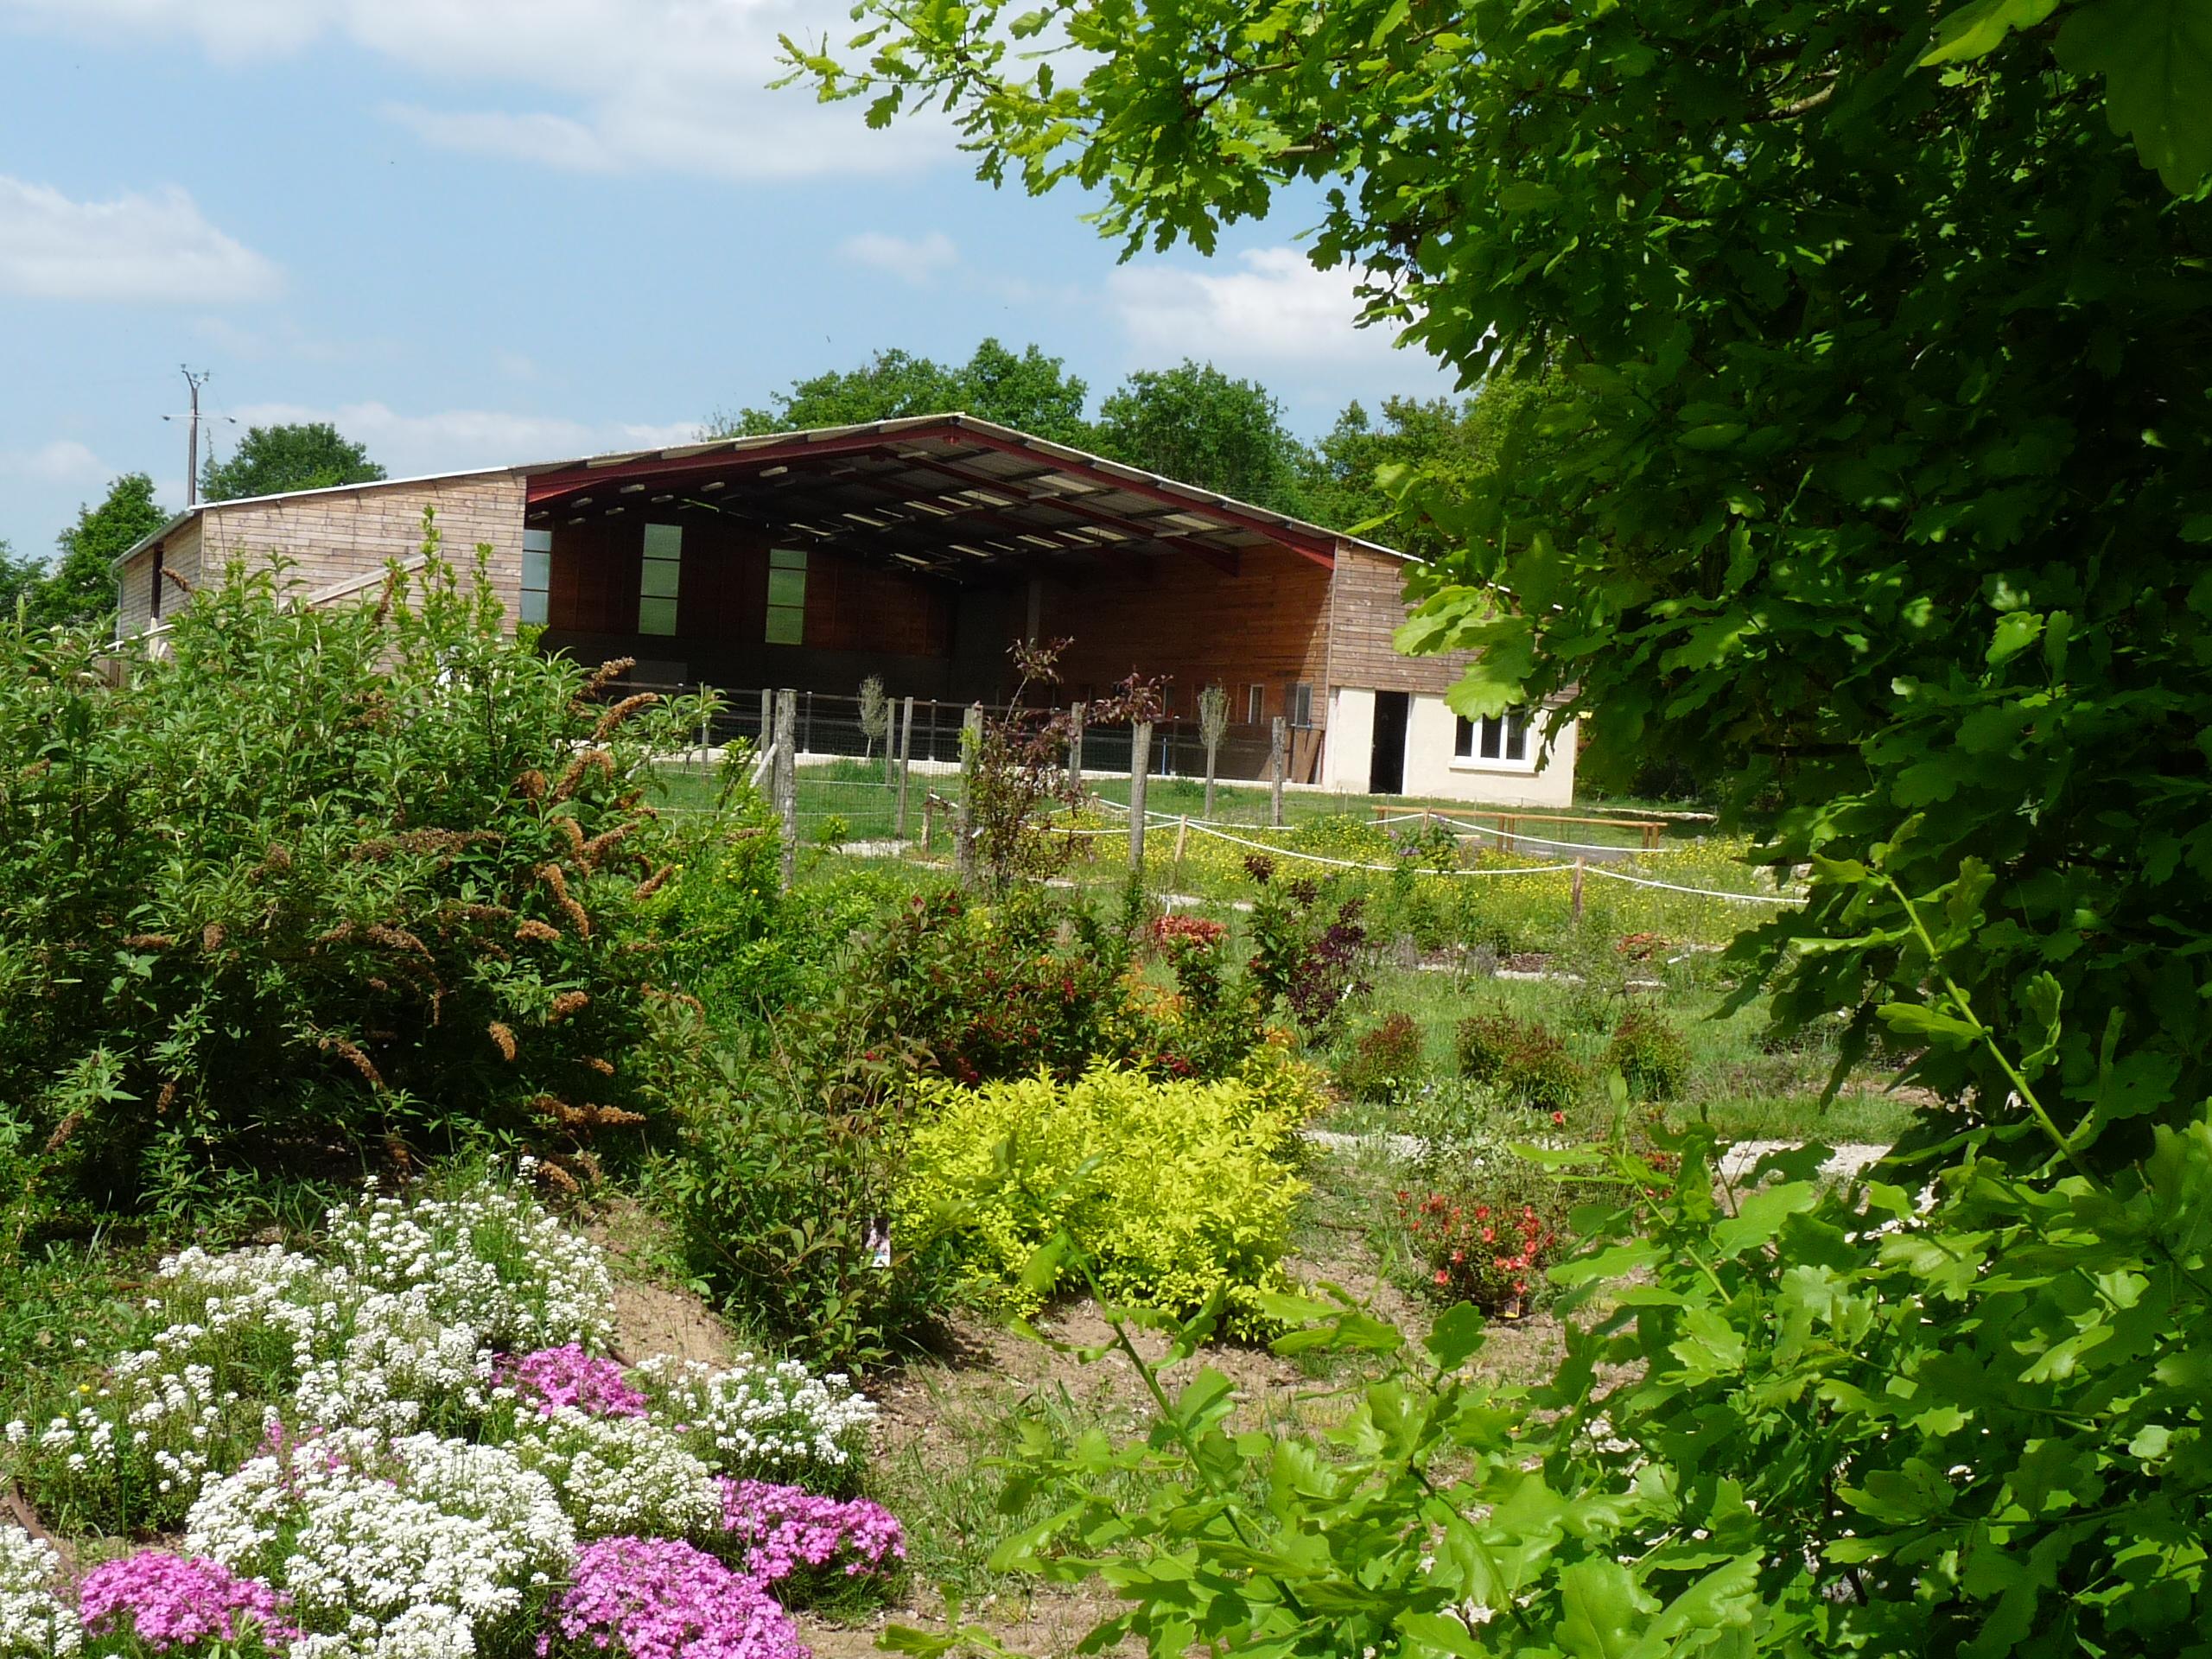 Jardin des sens - Ferme des 3 Sources - Jardin visiter